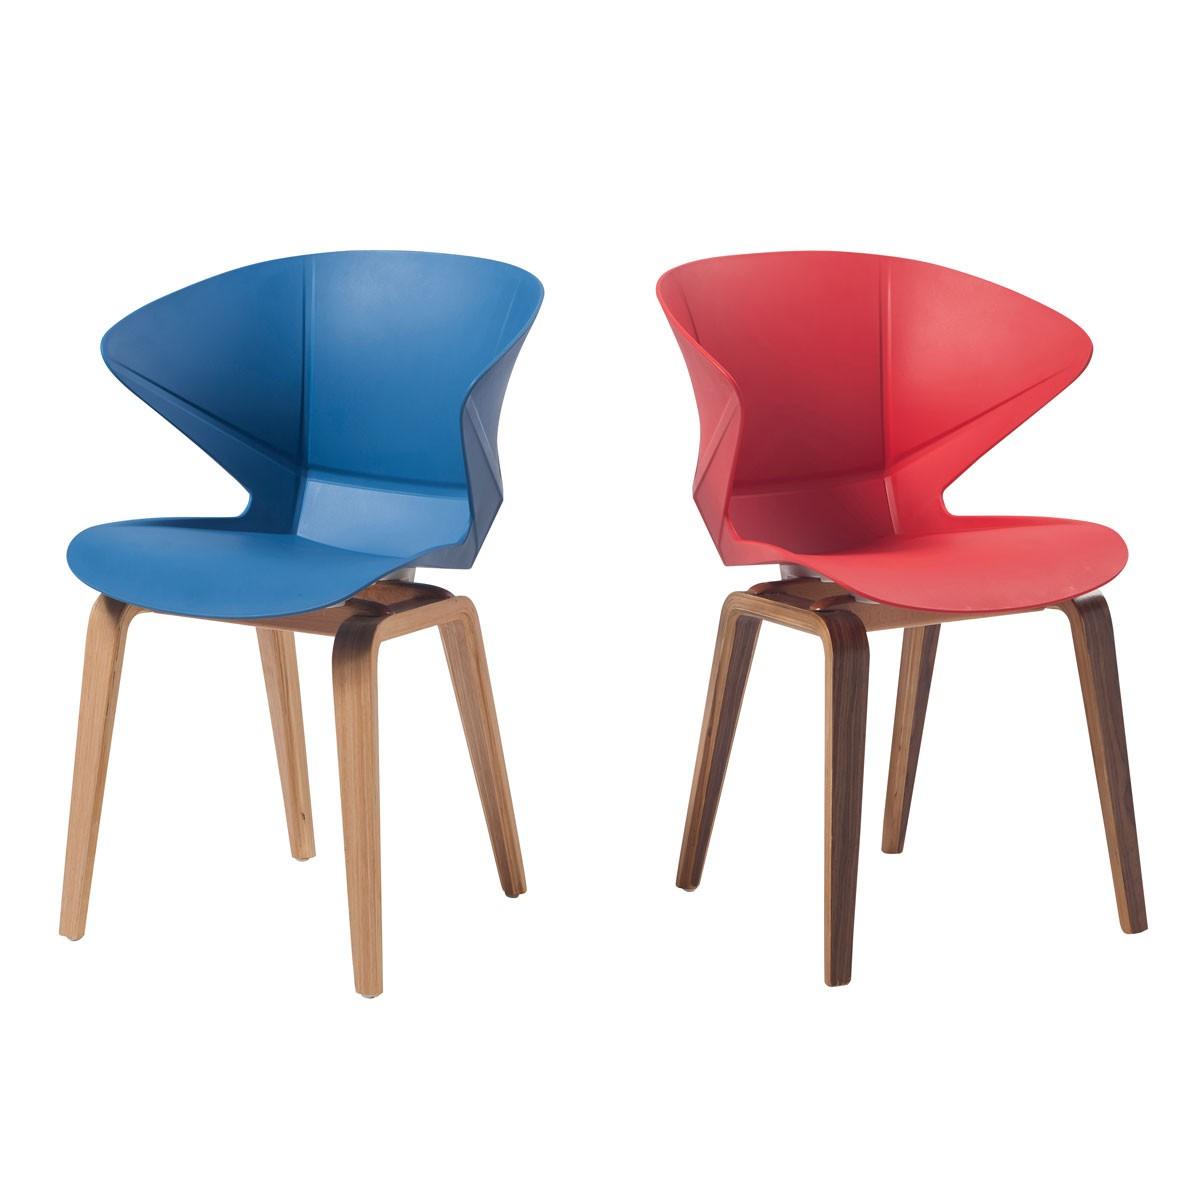 Chaise Plastique en Rouge avec 4 Pieds Bois - (YMG-9302B-1)